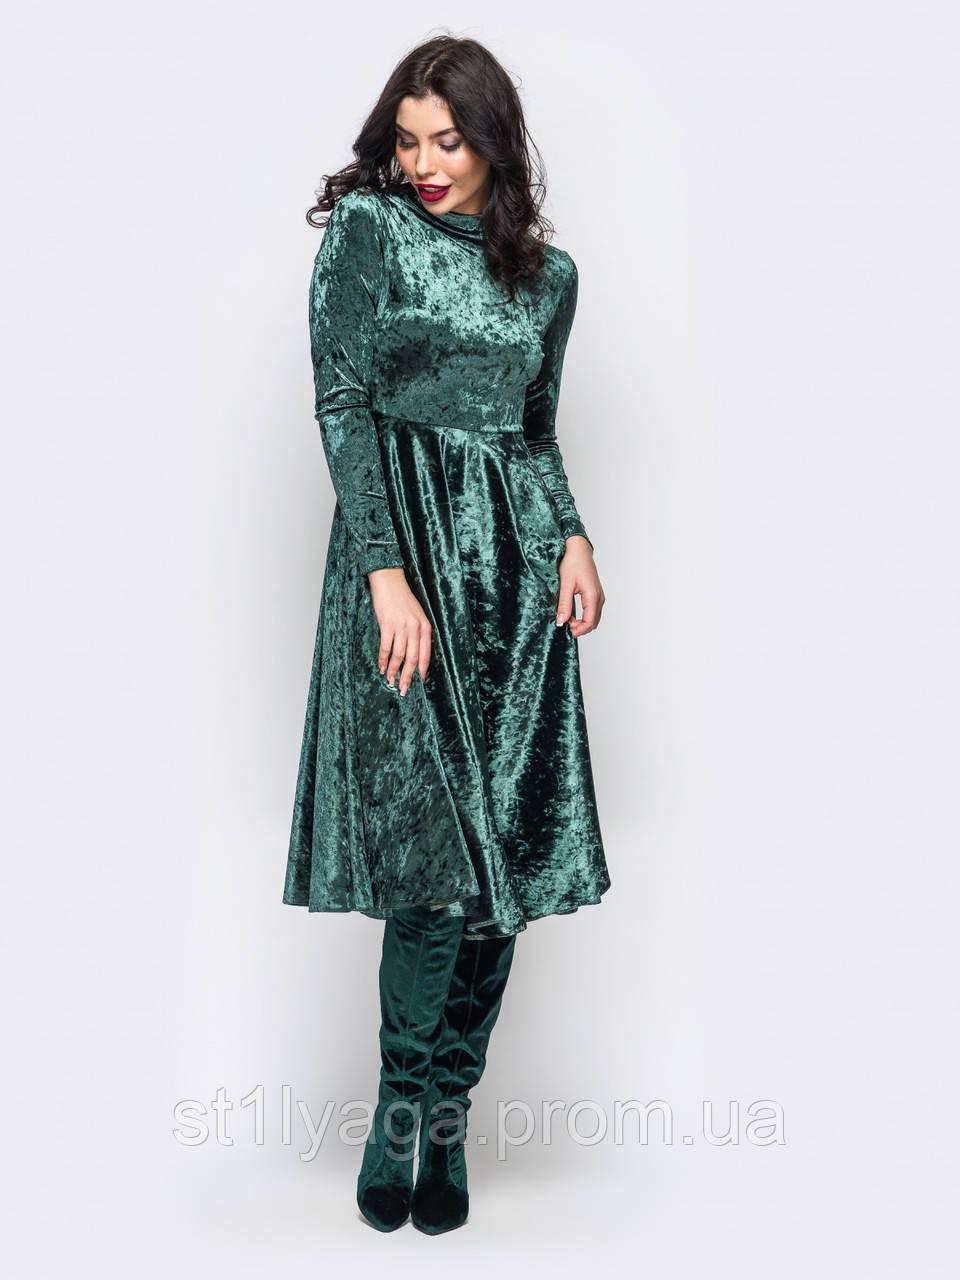 bcd6d19bf29c094 ... Платье с длинными рукавами и пышной юбкой ниже колен из велюра зеленый,  фото 4 ...